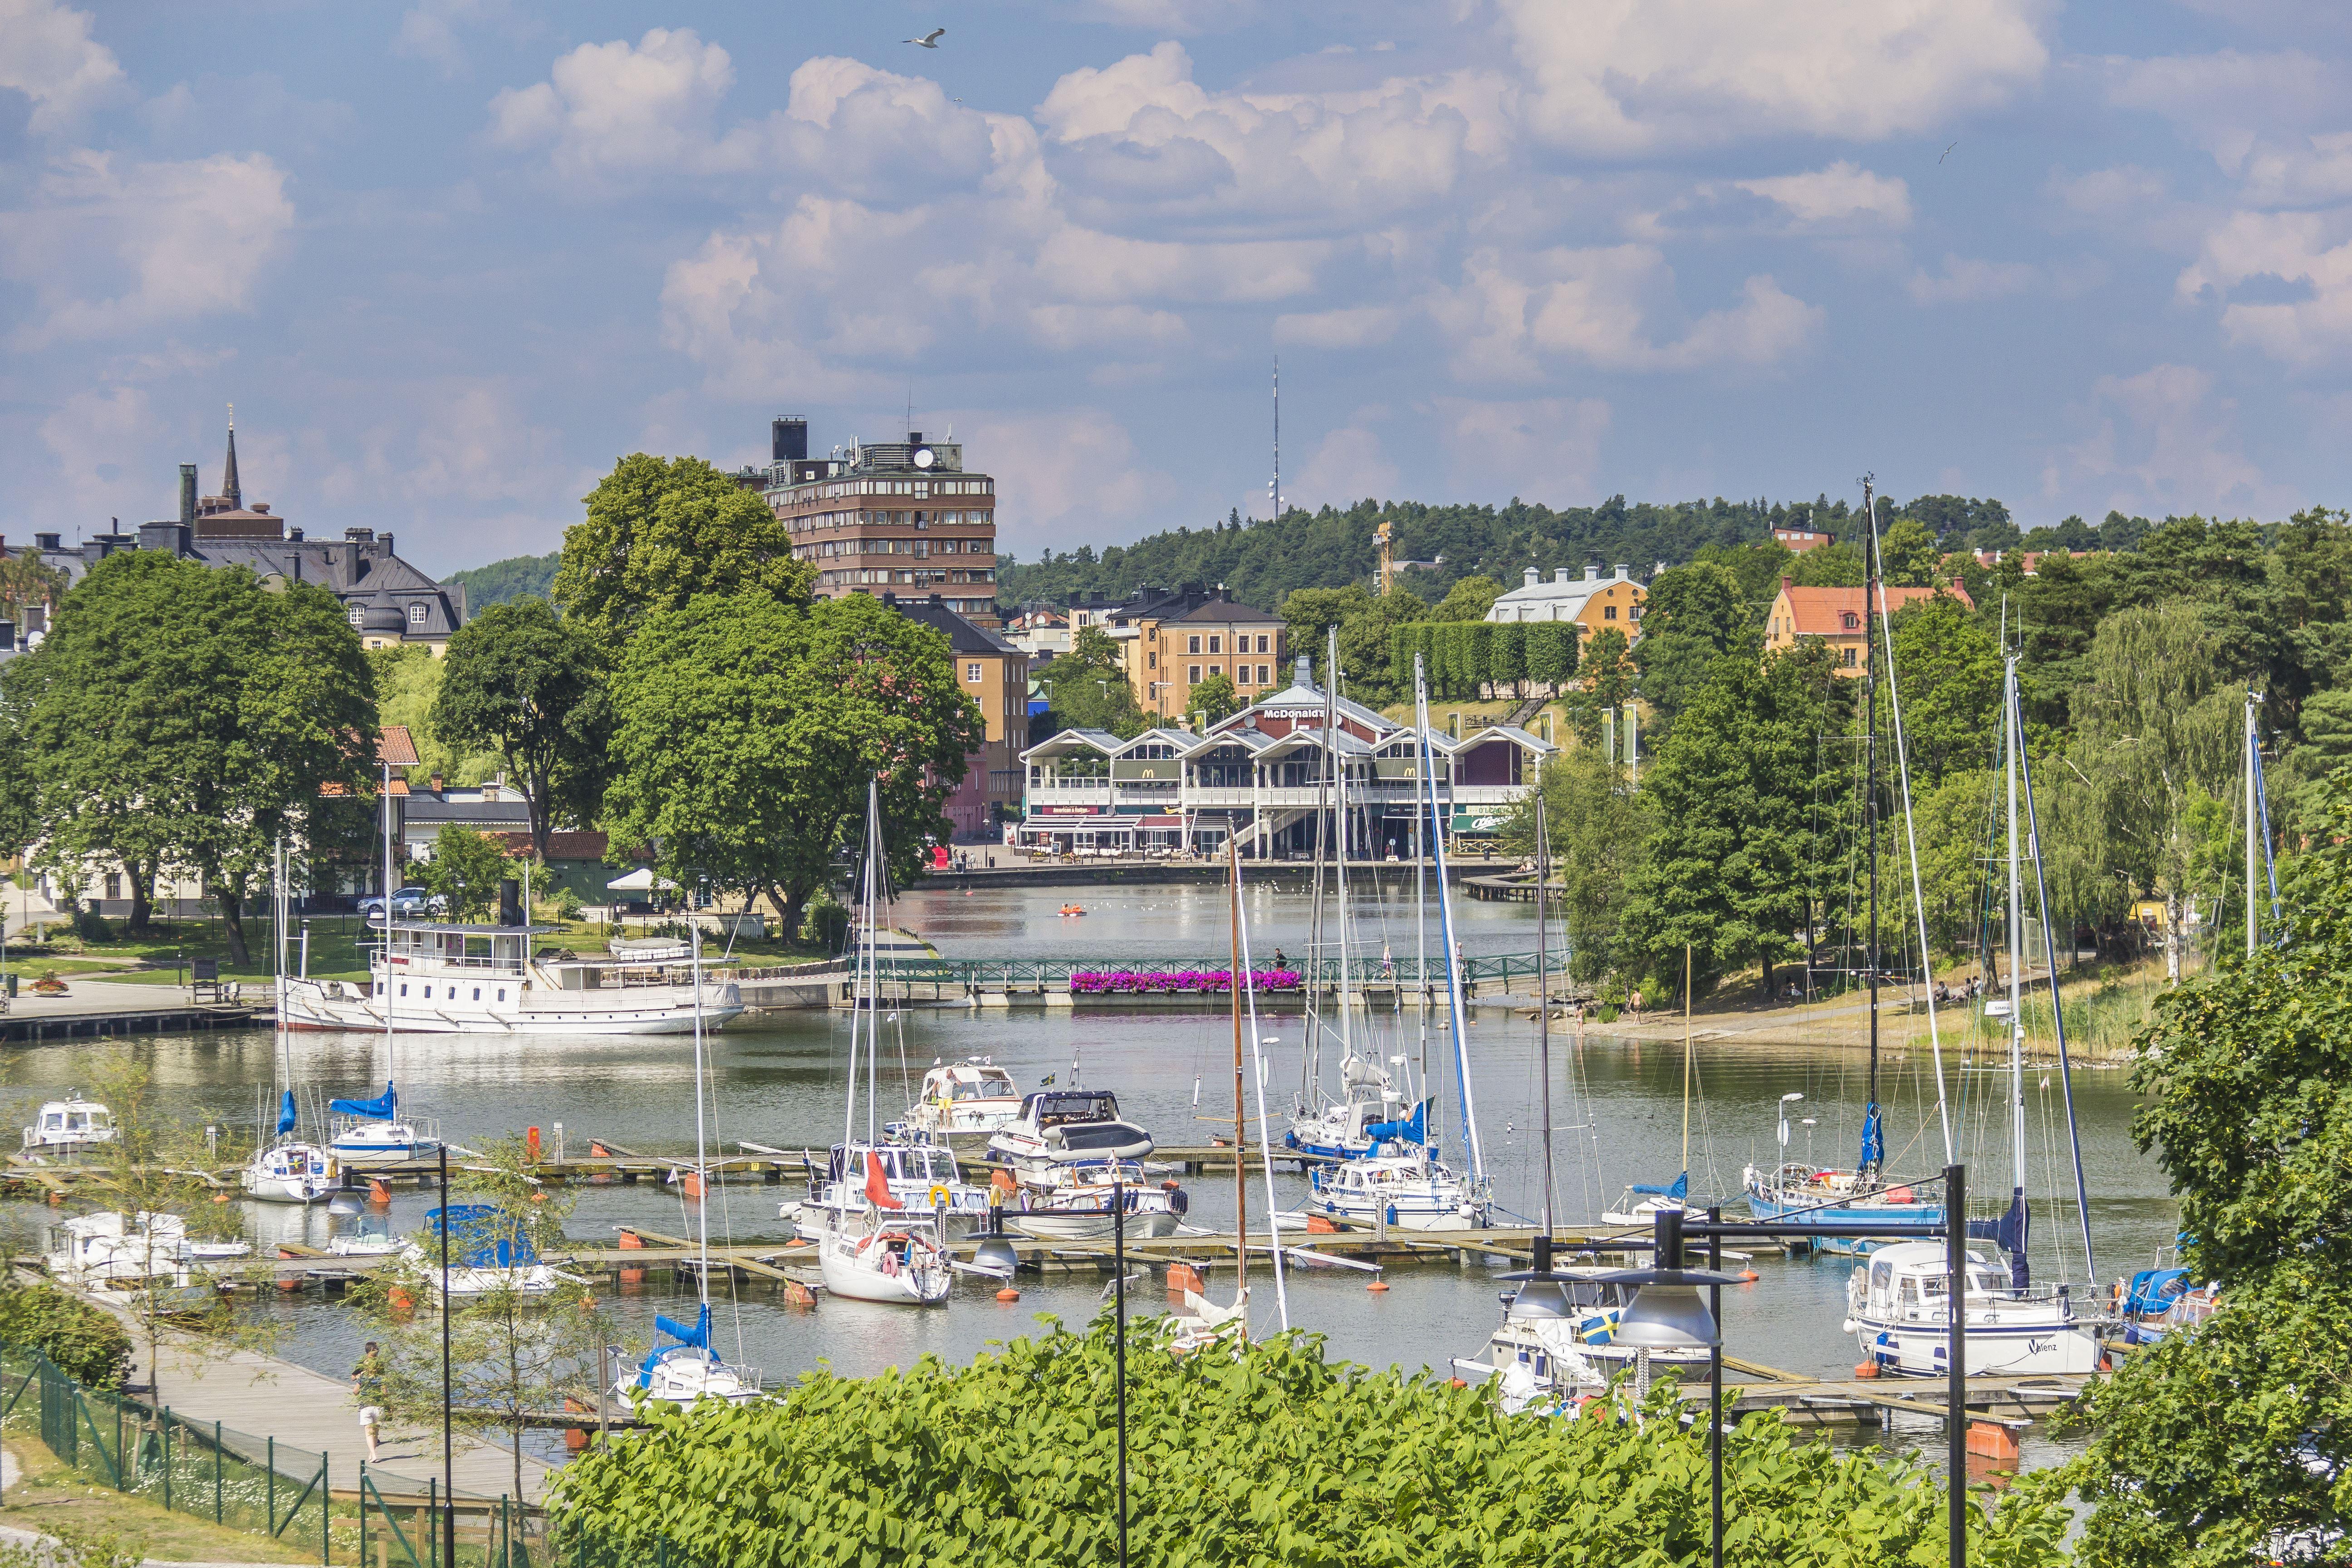 Södertäljevandringar 2019 - Biologiska museet